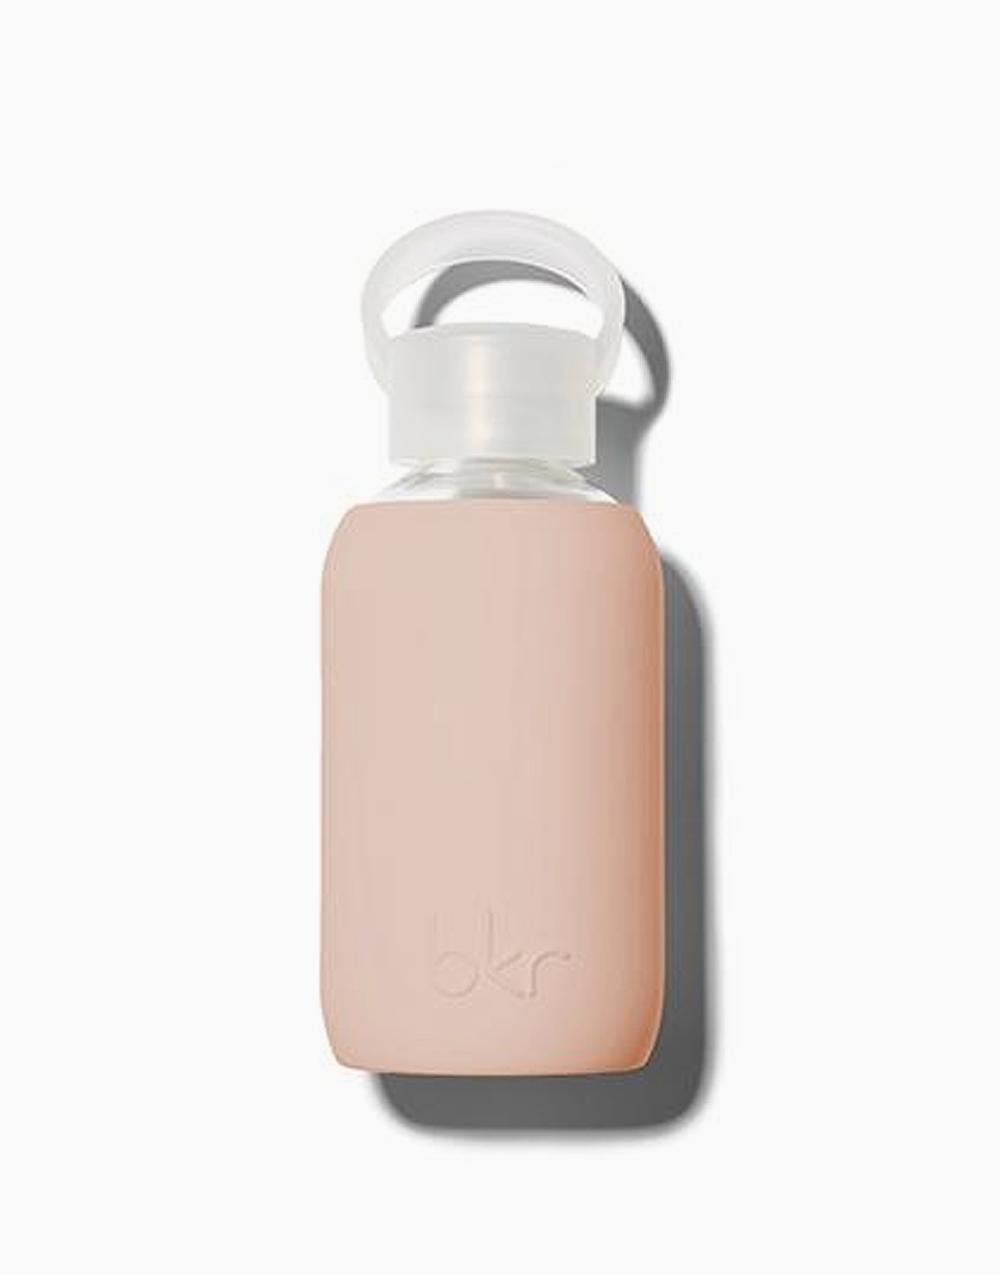 Teeny Water Bottle (250ml) by Bkr | Naked